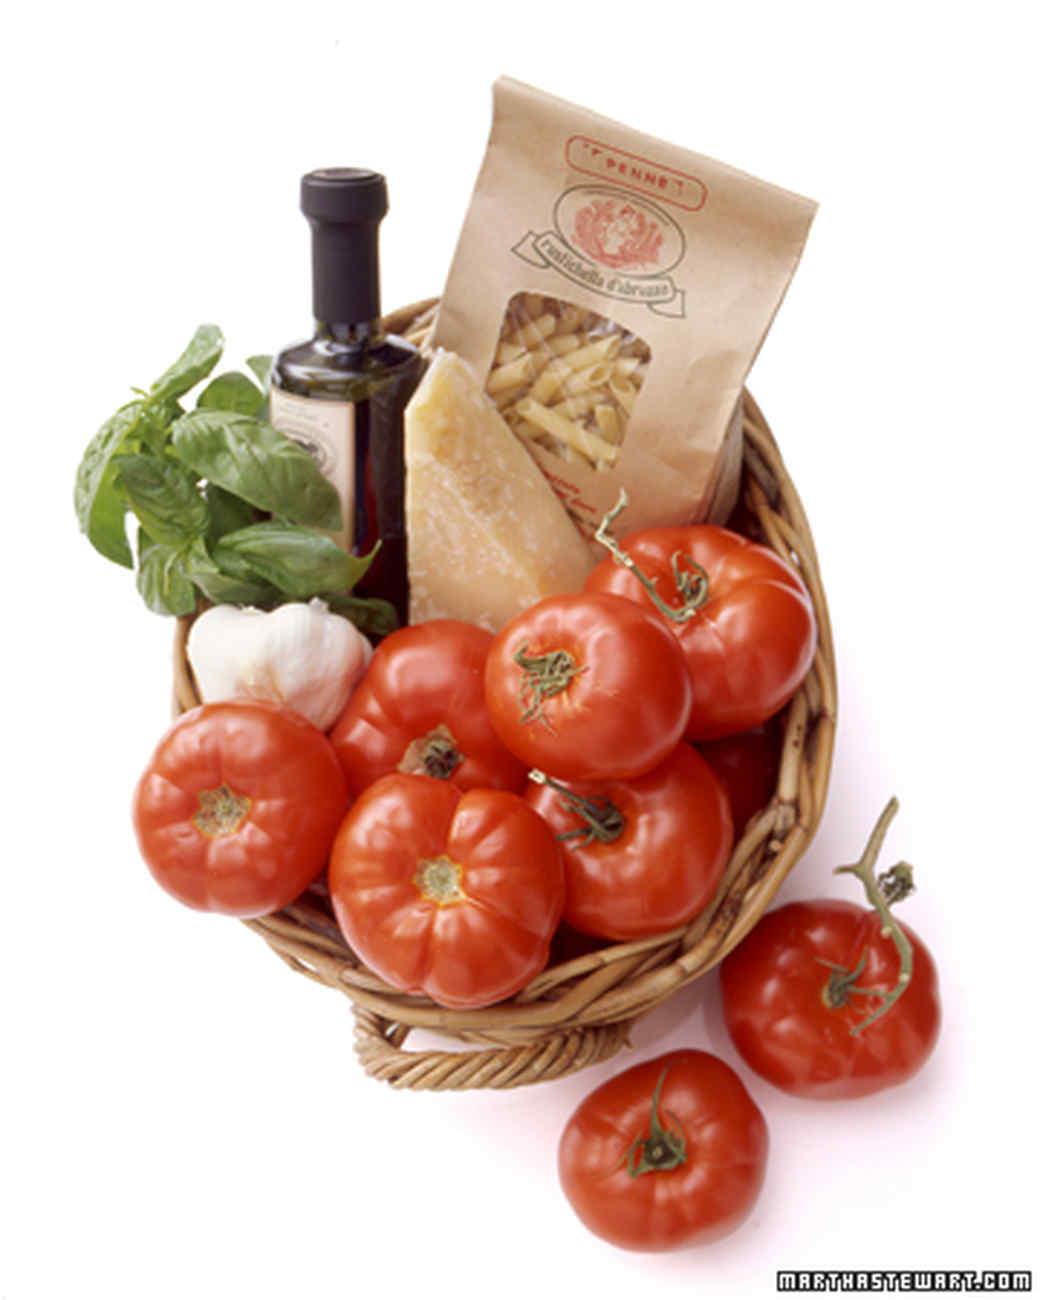 gt04septmsl_tomatoes.jpg